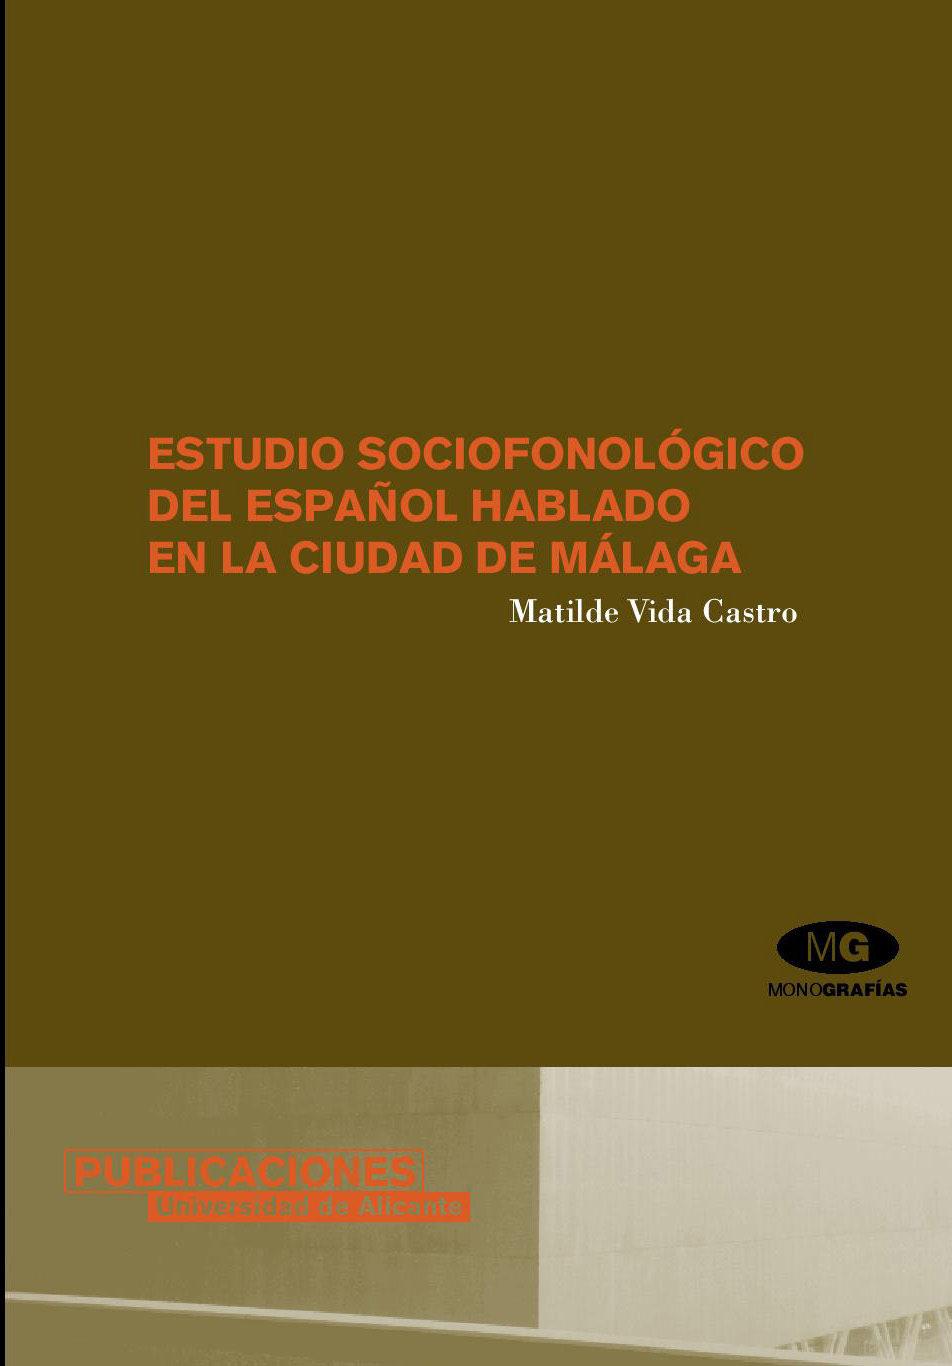 Estudio Sociofonologico Del Español Hablado En La Ciudad De Malag A por Matilde Vida Castro epub